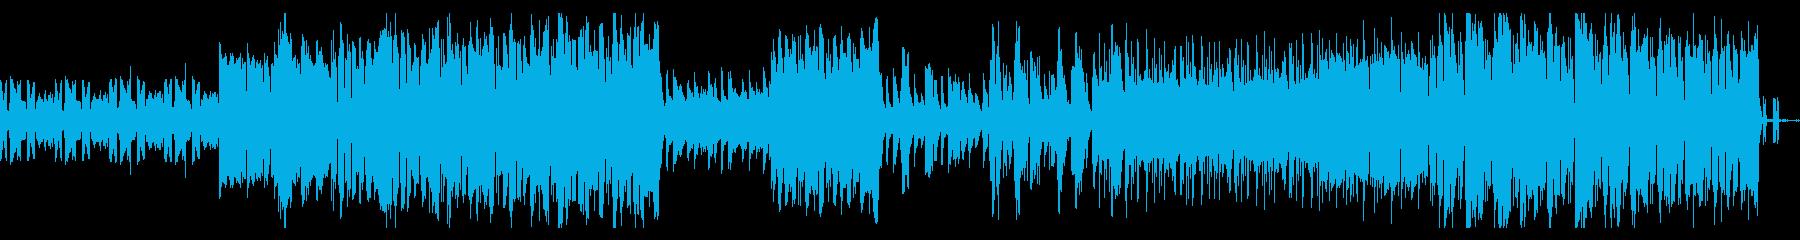 個性的、哲学的なポエトリーリーディングの再生済みの波形